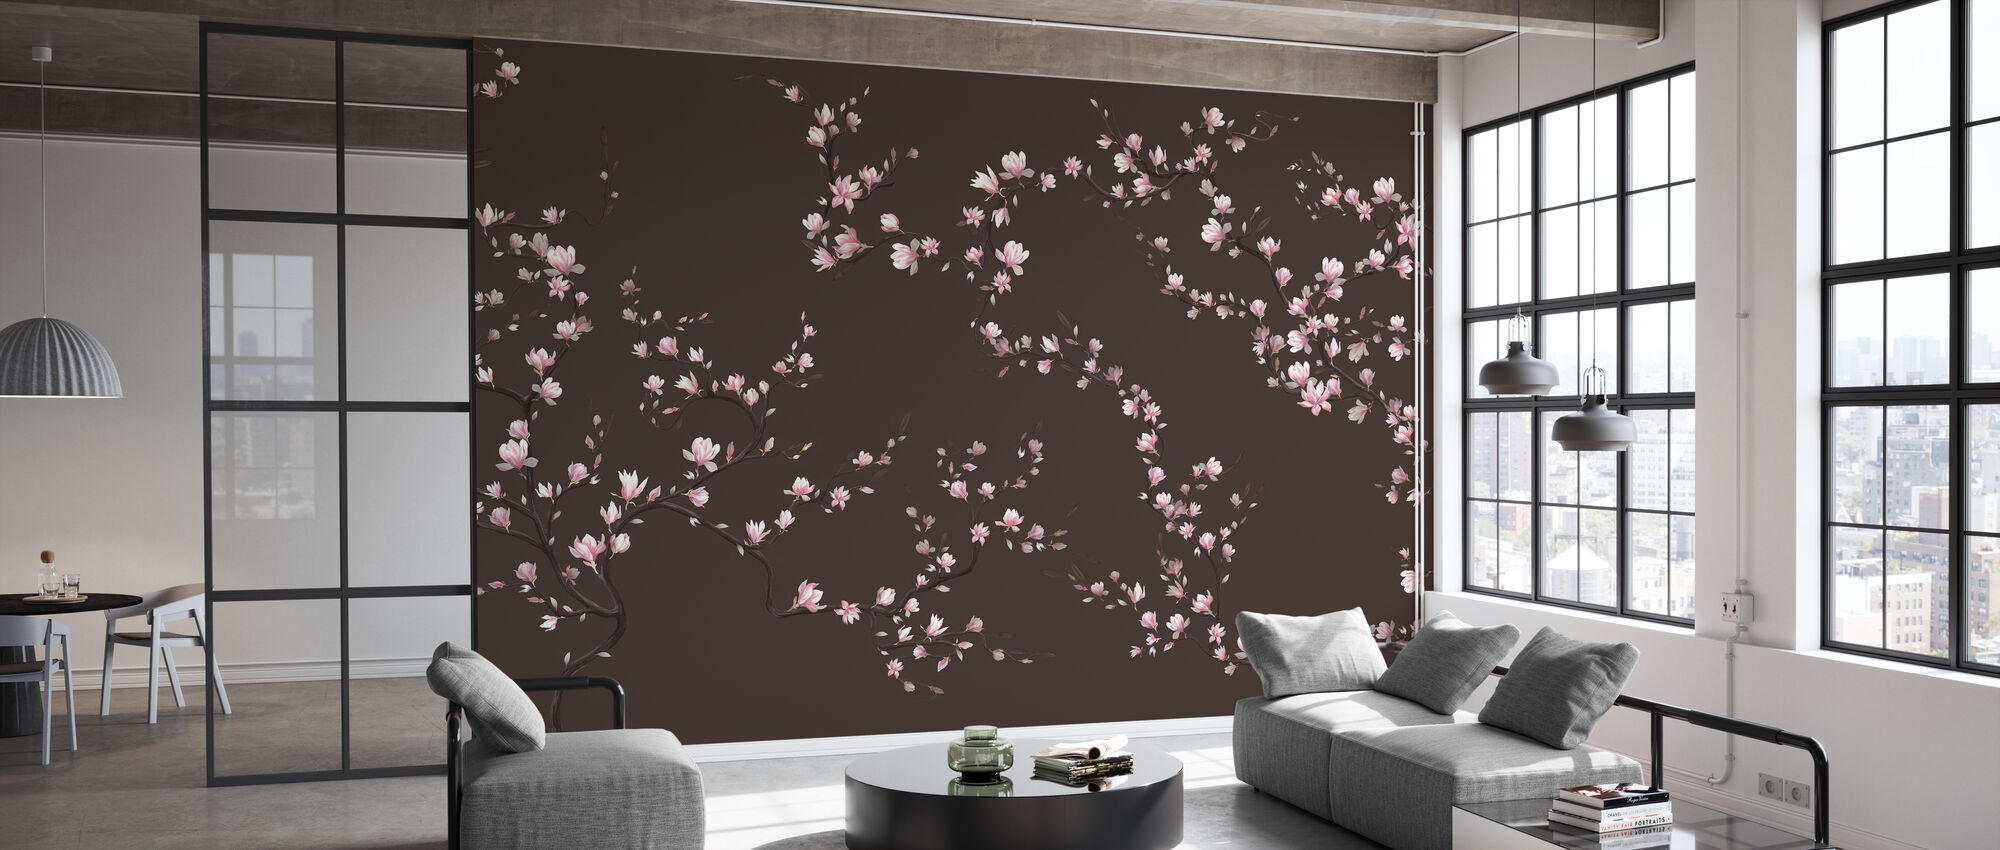 Blomstrande Magnolia - Varm Brun - Tapet - Kontor